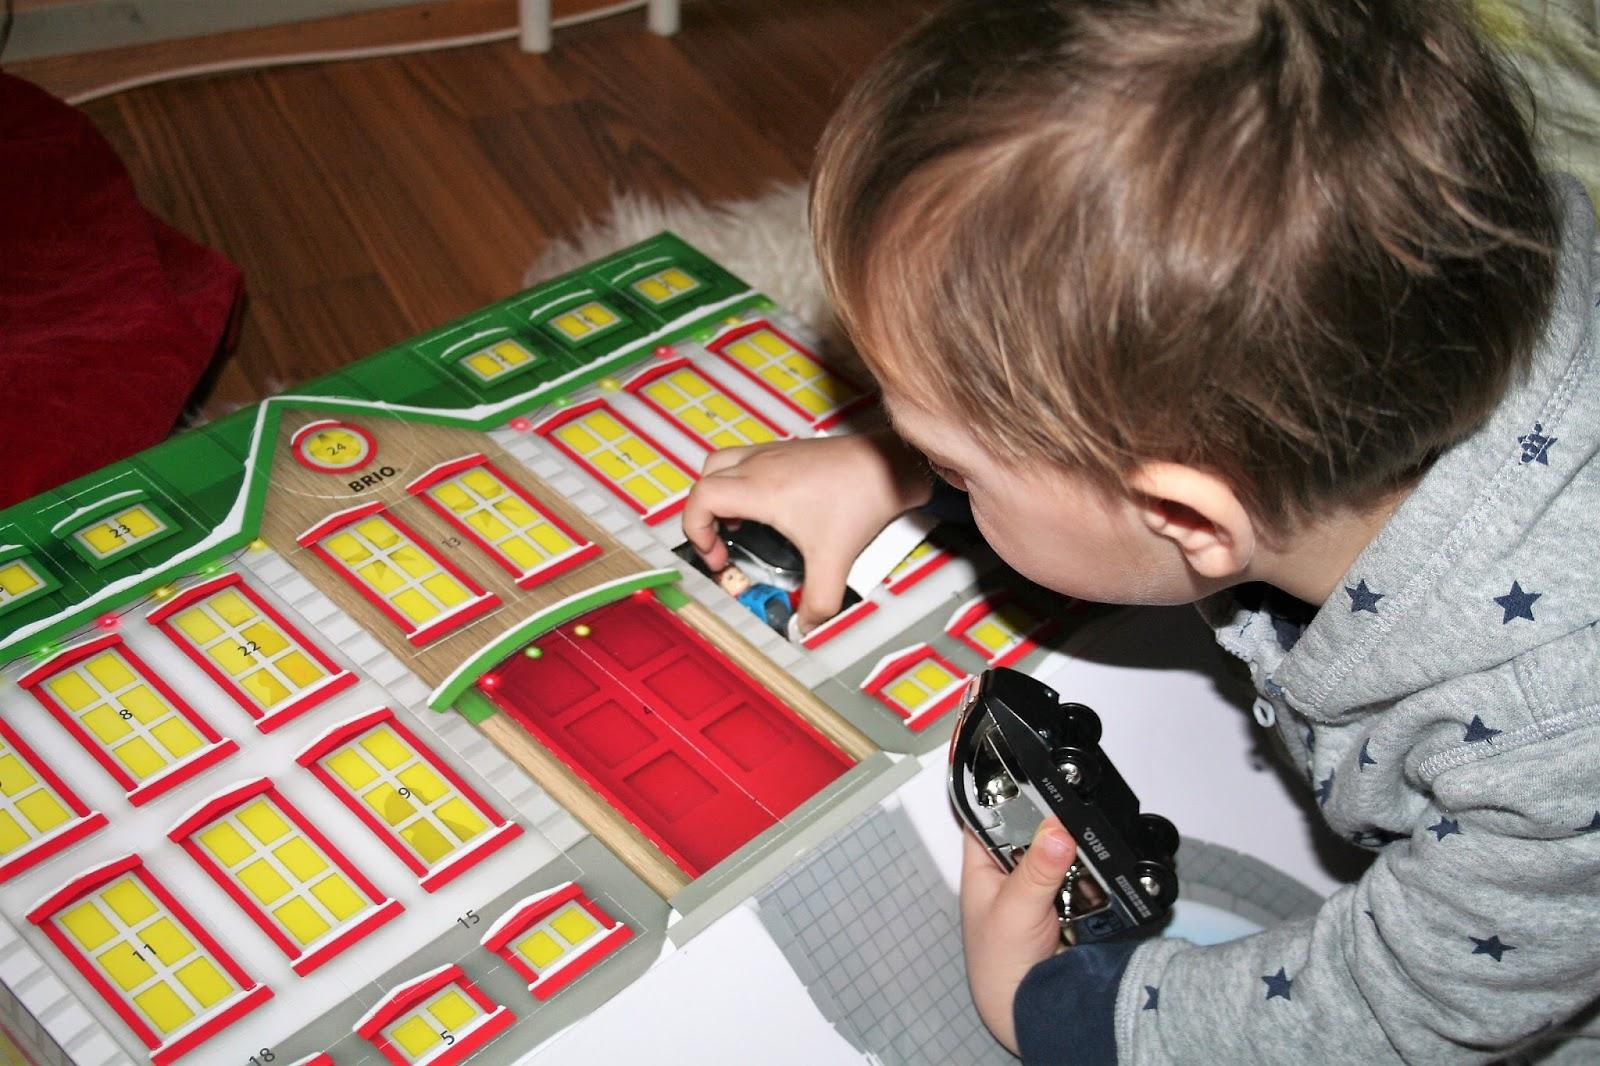 brio joulukalenteri 2018 sisältö Kotona ja kaupungilla: Brion joulukalenteri brio joulukalenteri 2018 sisältö